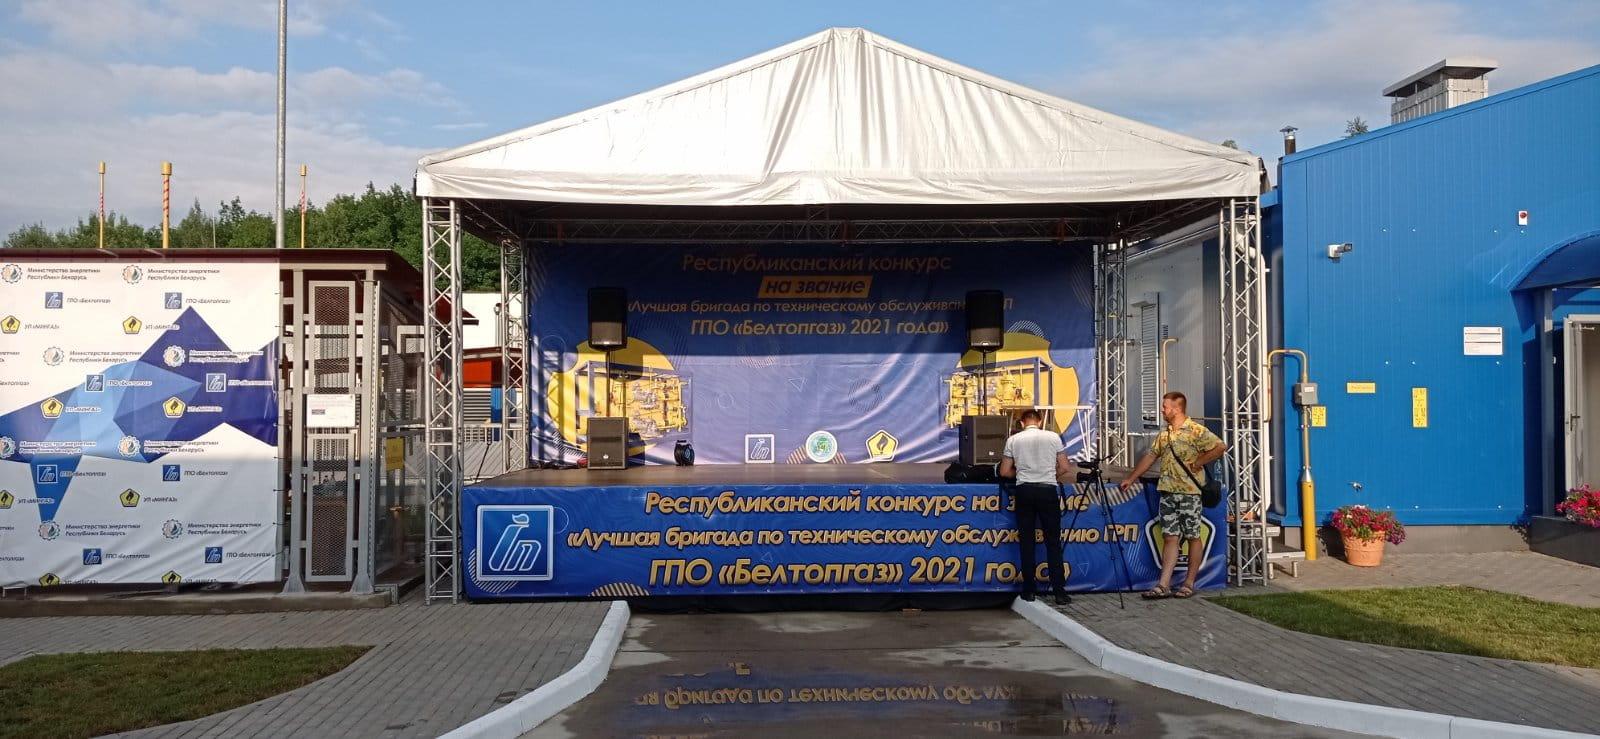 Элеватор 7х4 на мероприятии Белтопгаз